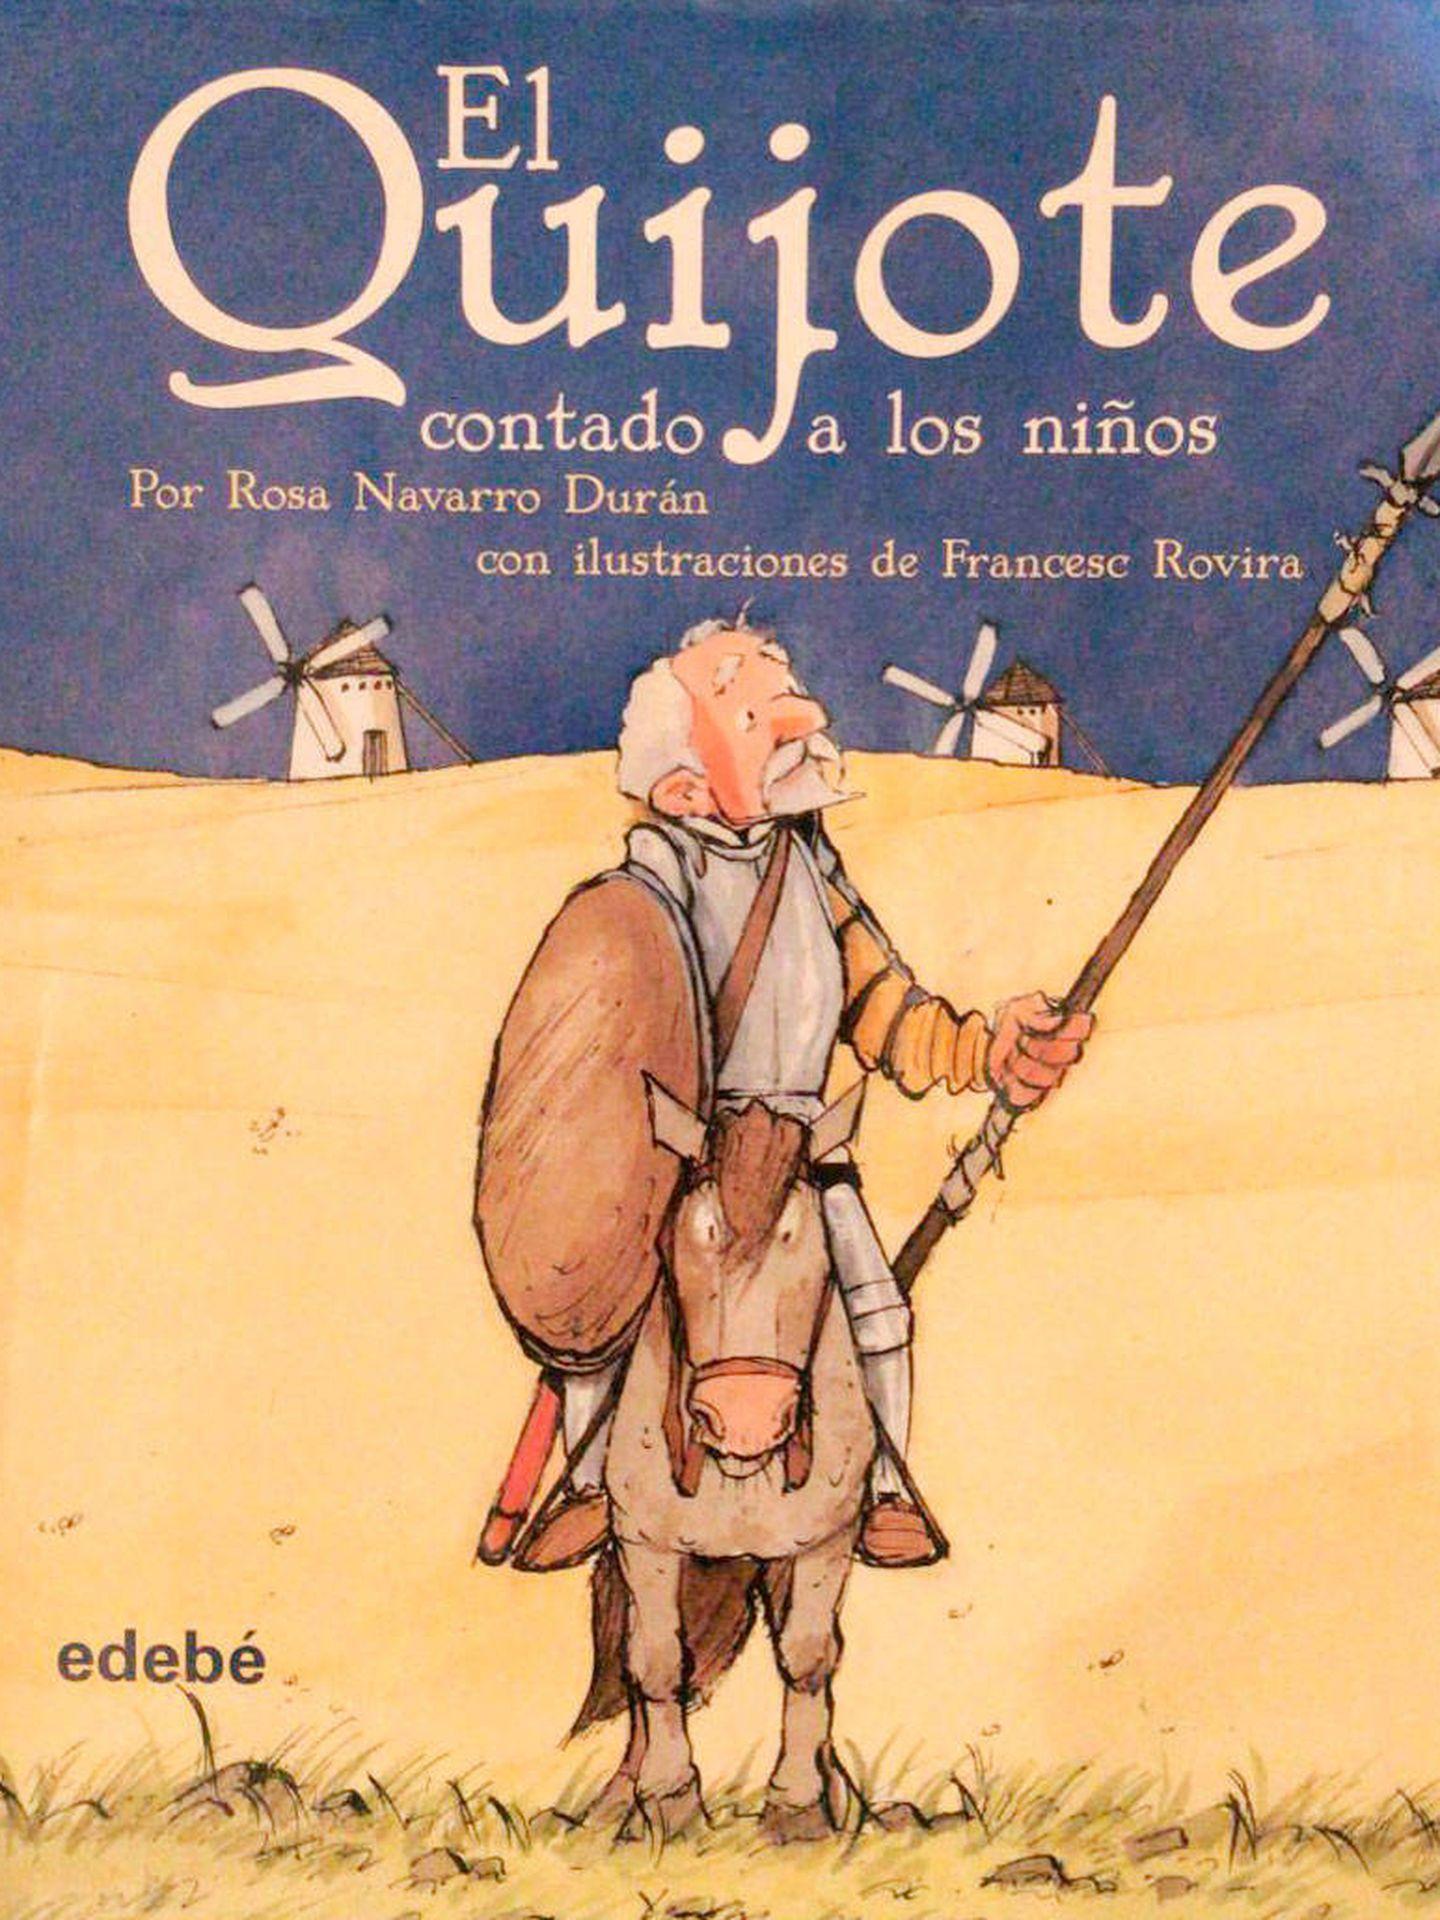 Ejemplar del 'Quijote', regalo de los Urdangarin de Borbón. (Vanitatis)